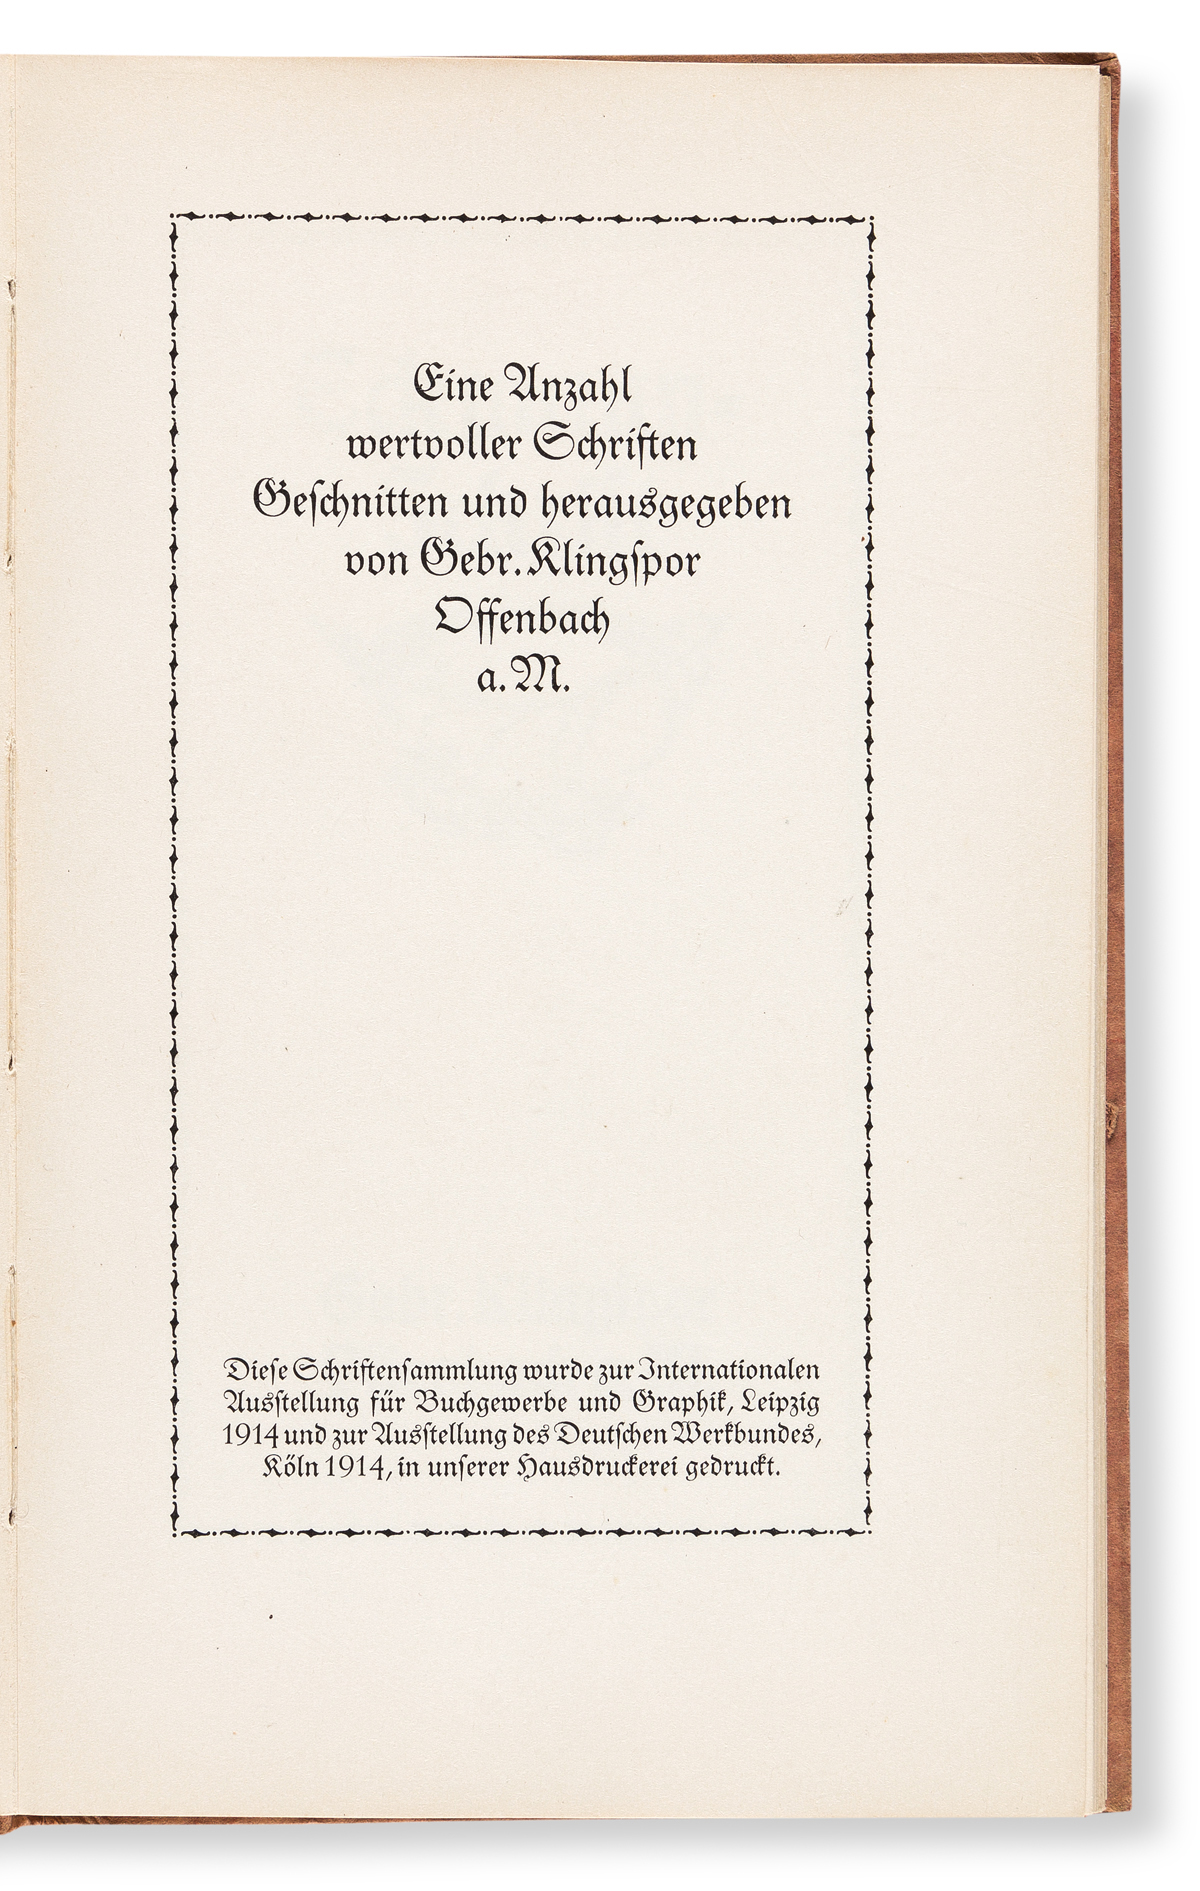 [SPECIMEN BOOK — KLINGSPOR ]. Fine Anzahl wervoller Schriften Geschnitten und herausgegeben von Gebr. Klingspor Offenbach A. M. Offenba